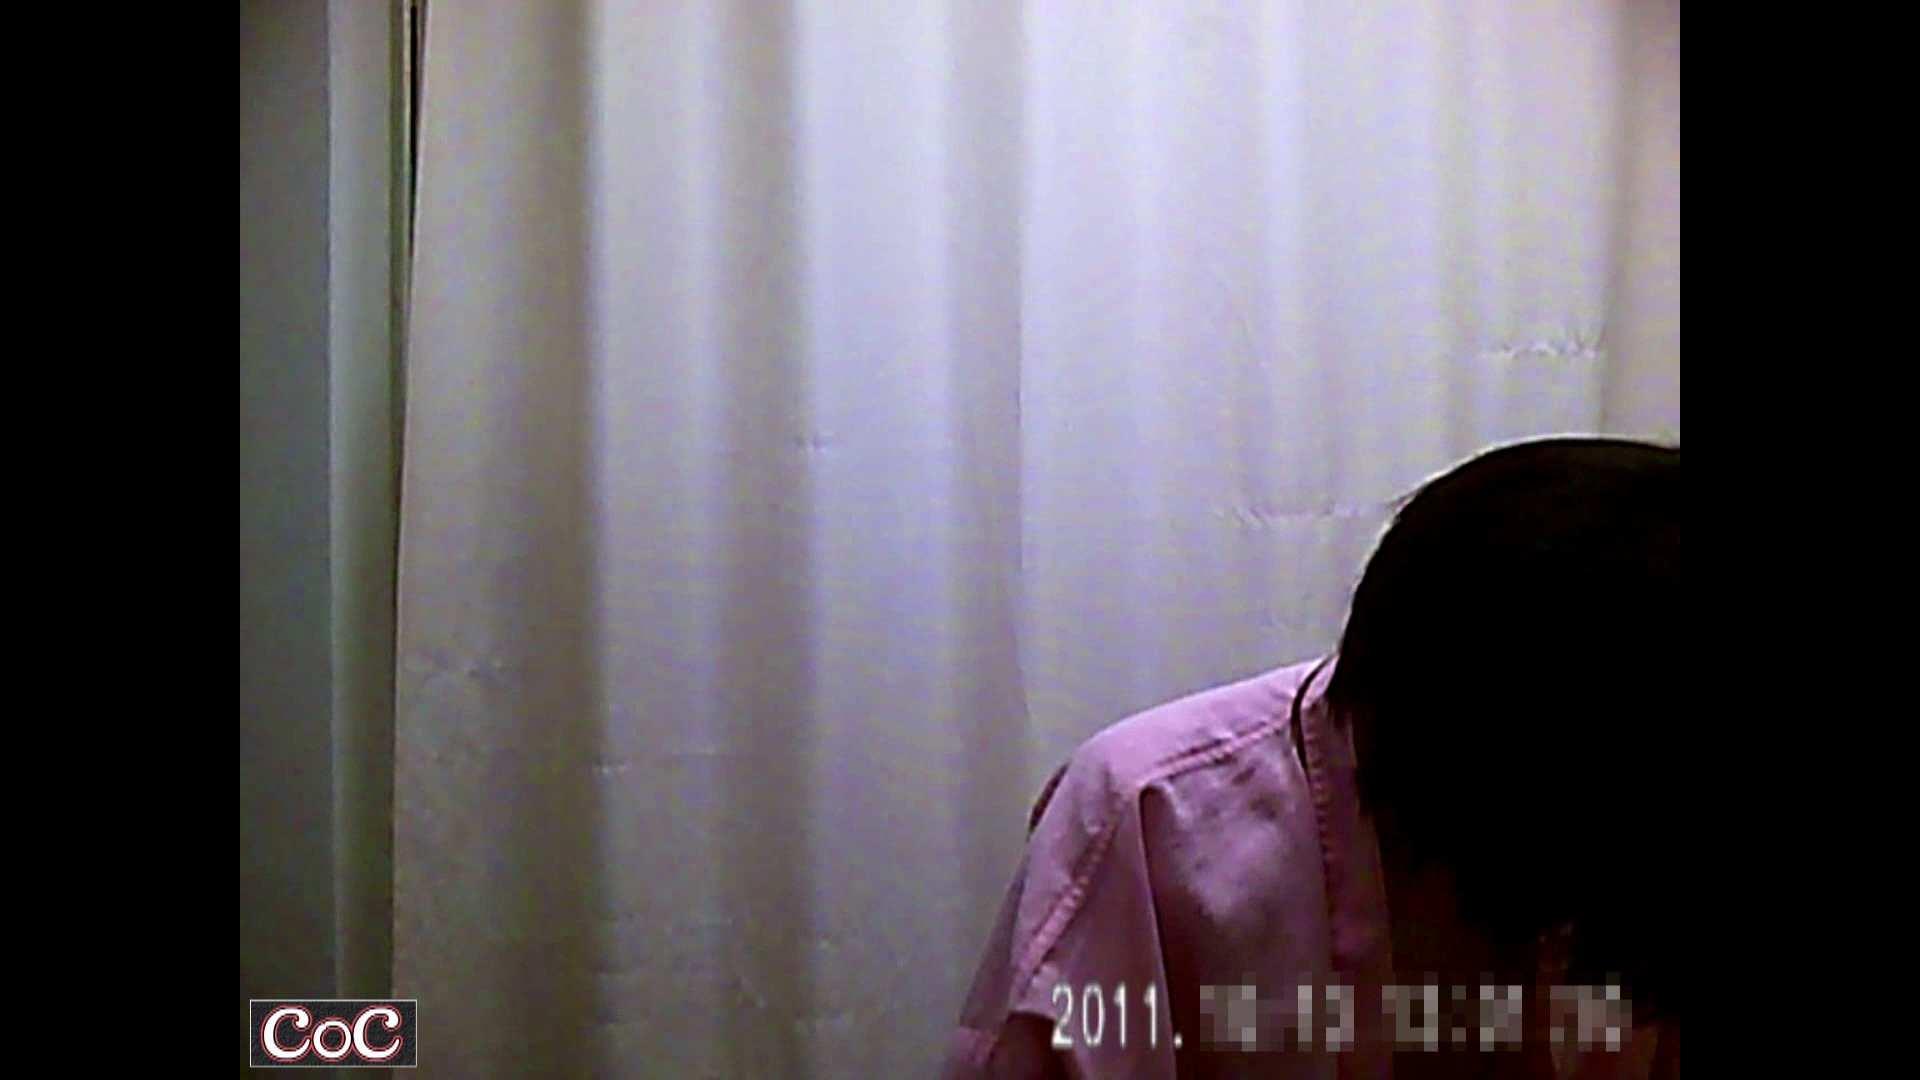 病院おもいっきり着替え! vol.58 乳首 おまんこ無修正動画無料 105PIX 46